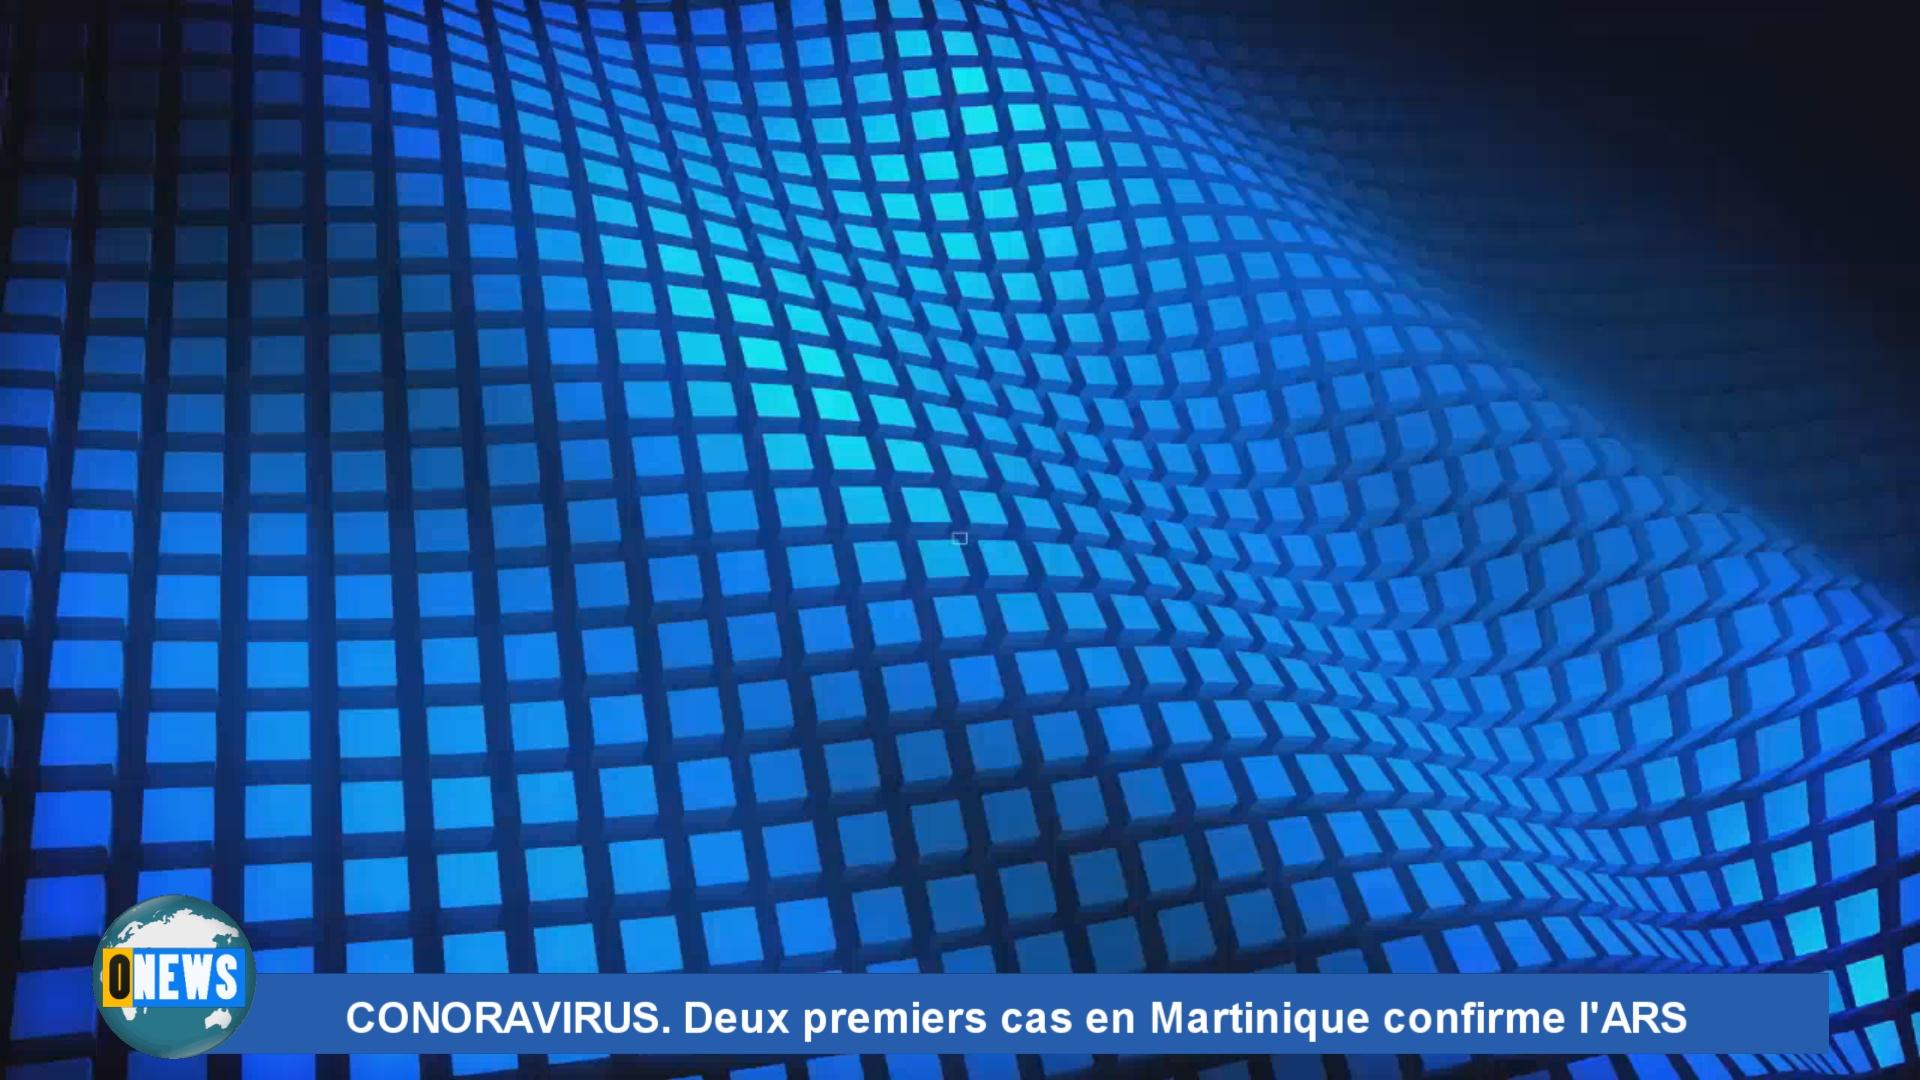 [Vidéo] CONORAVIRUS. Deux premiers cas en Martinique confirme l'ARS